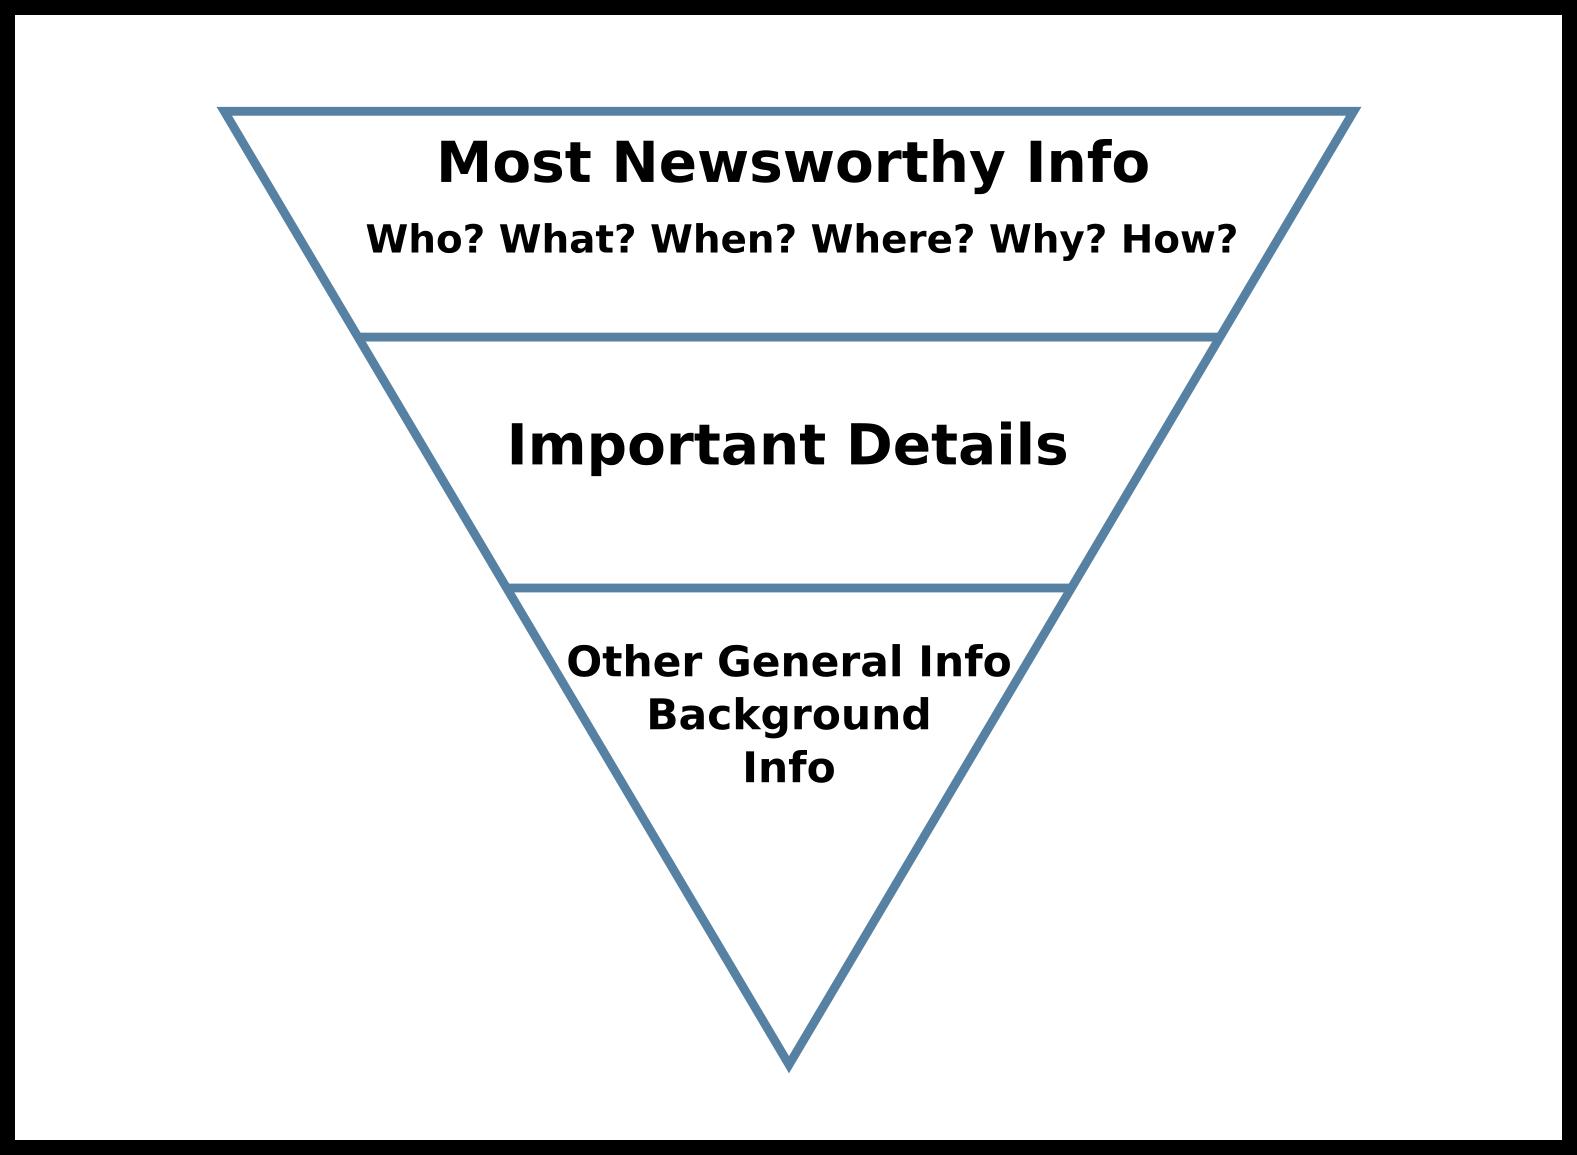 kiểu viết kim tự tháp ngược